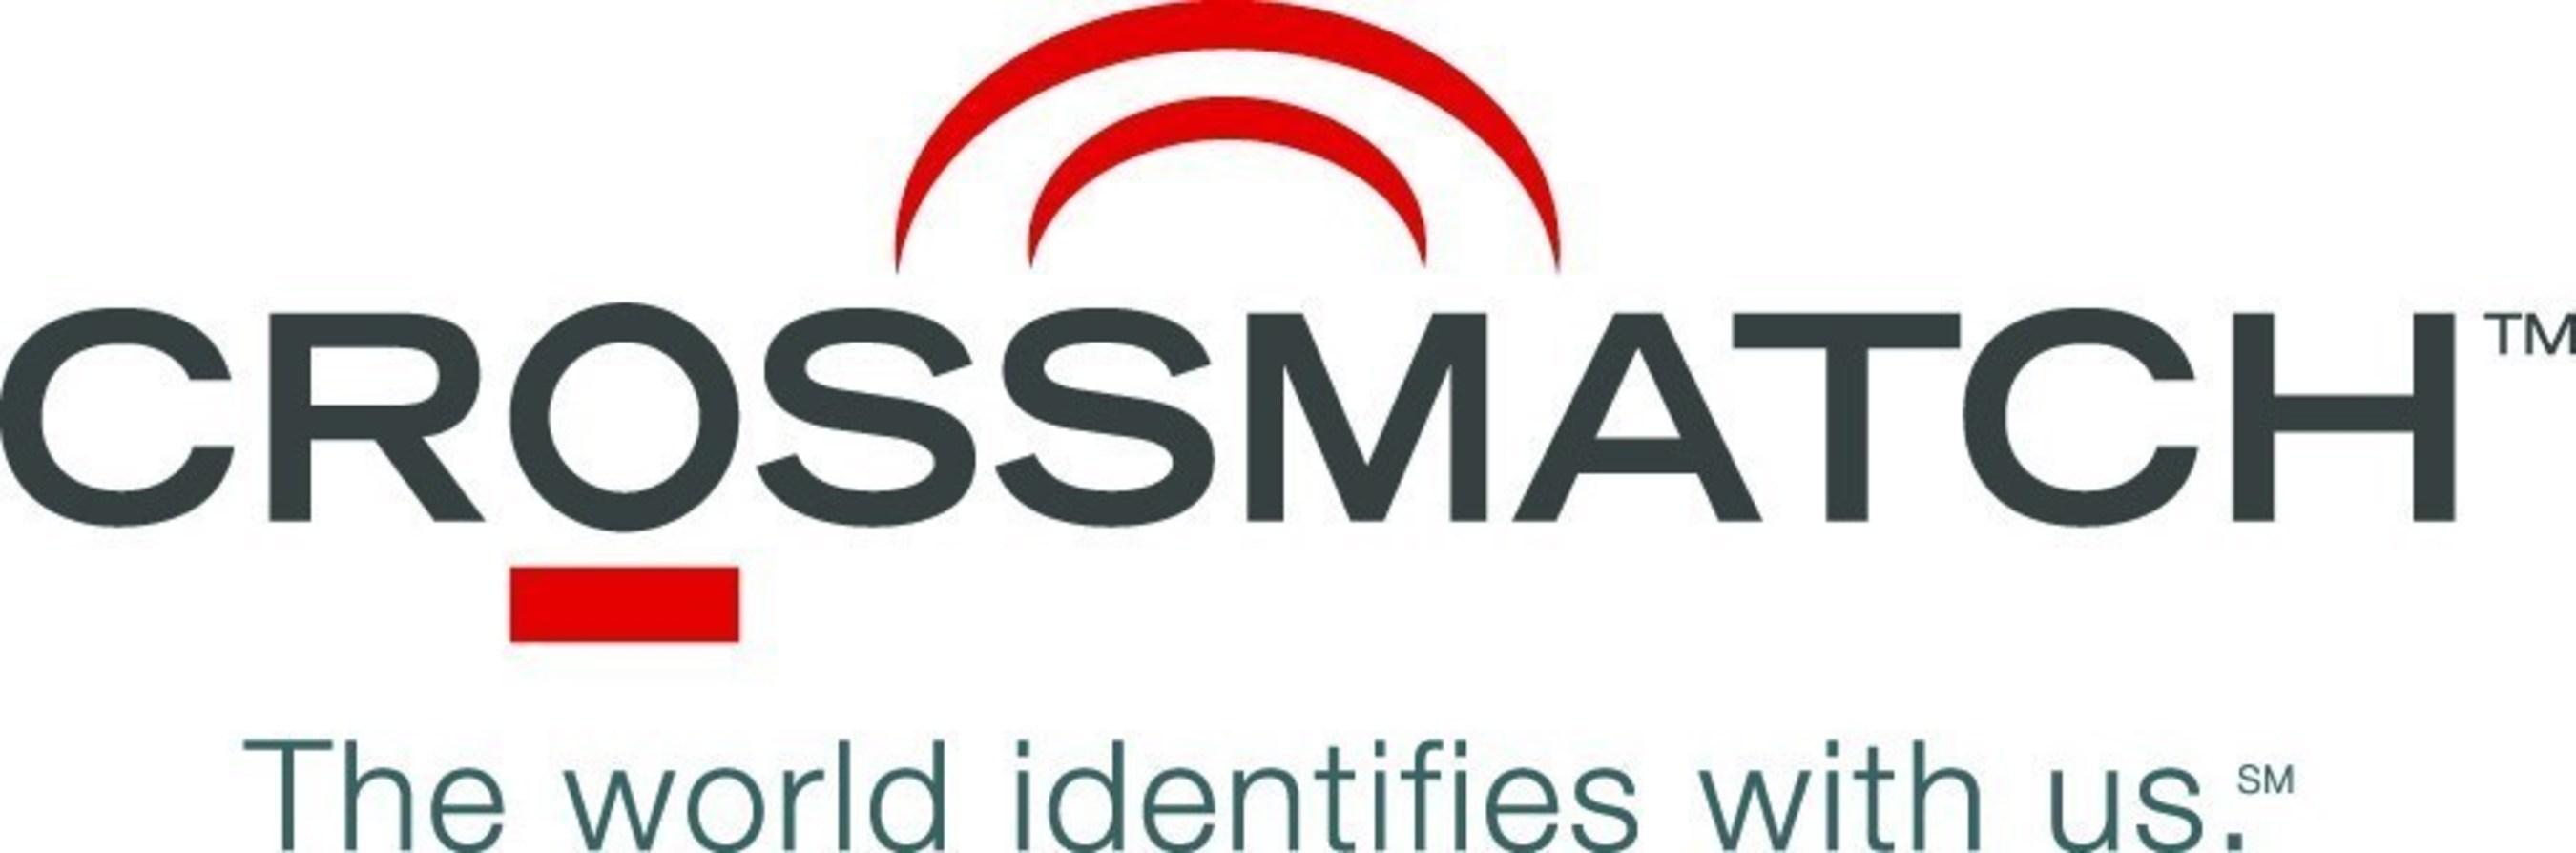 Cross Match Technologies et DigitalPersona lancent une entreprise intégrée